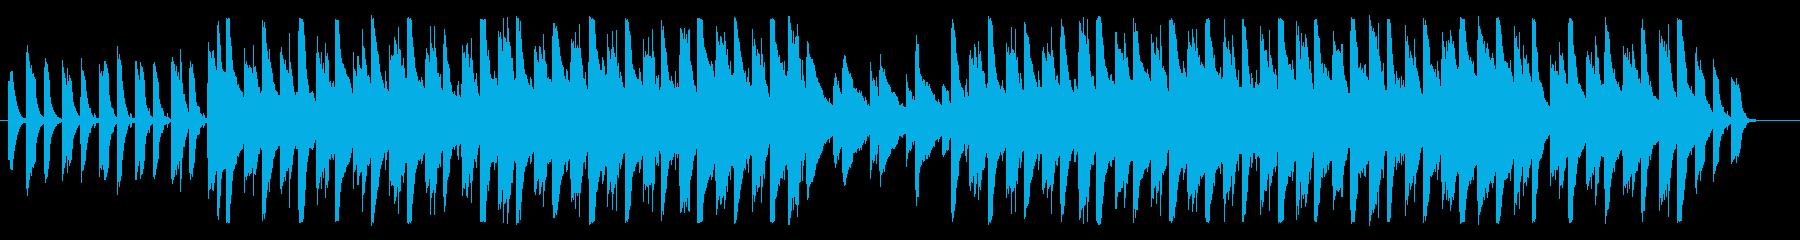 獅子舞をイメージしたガムラン音楽の再生済みの波形